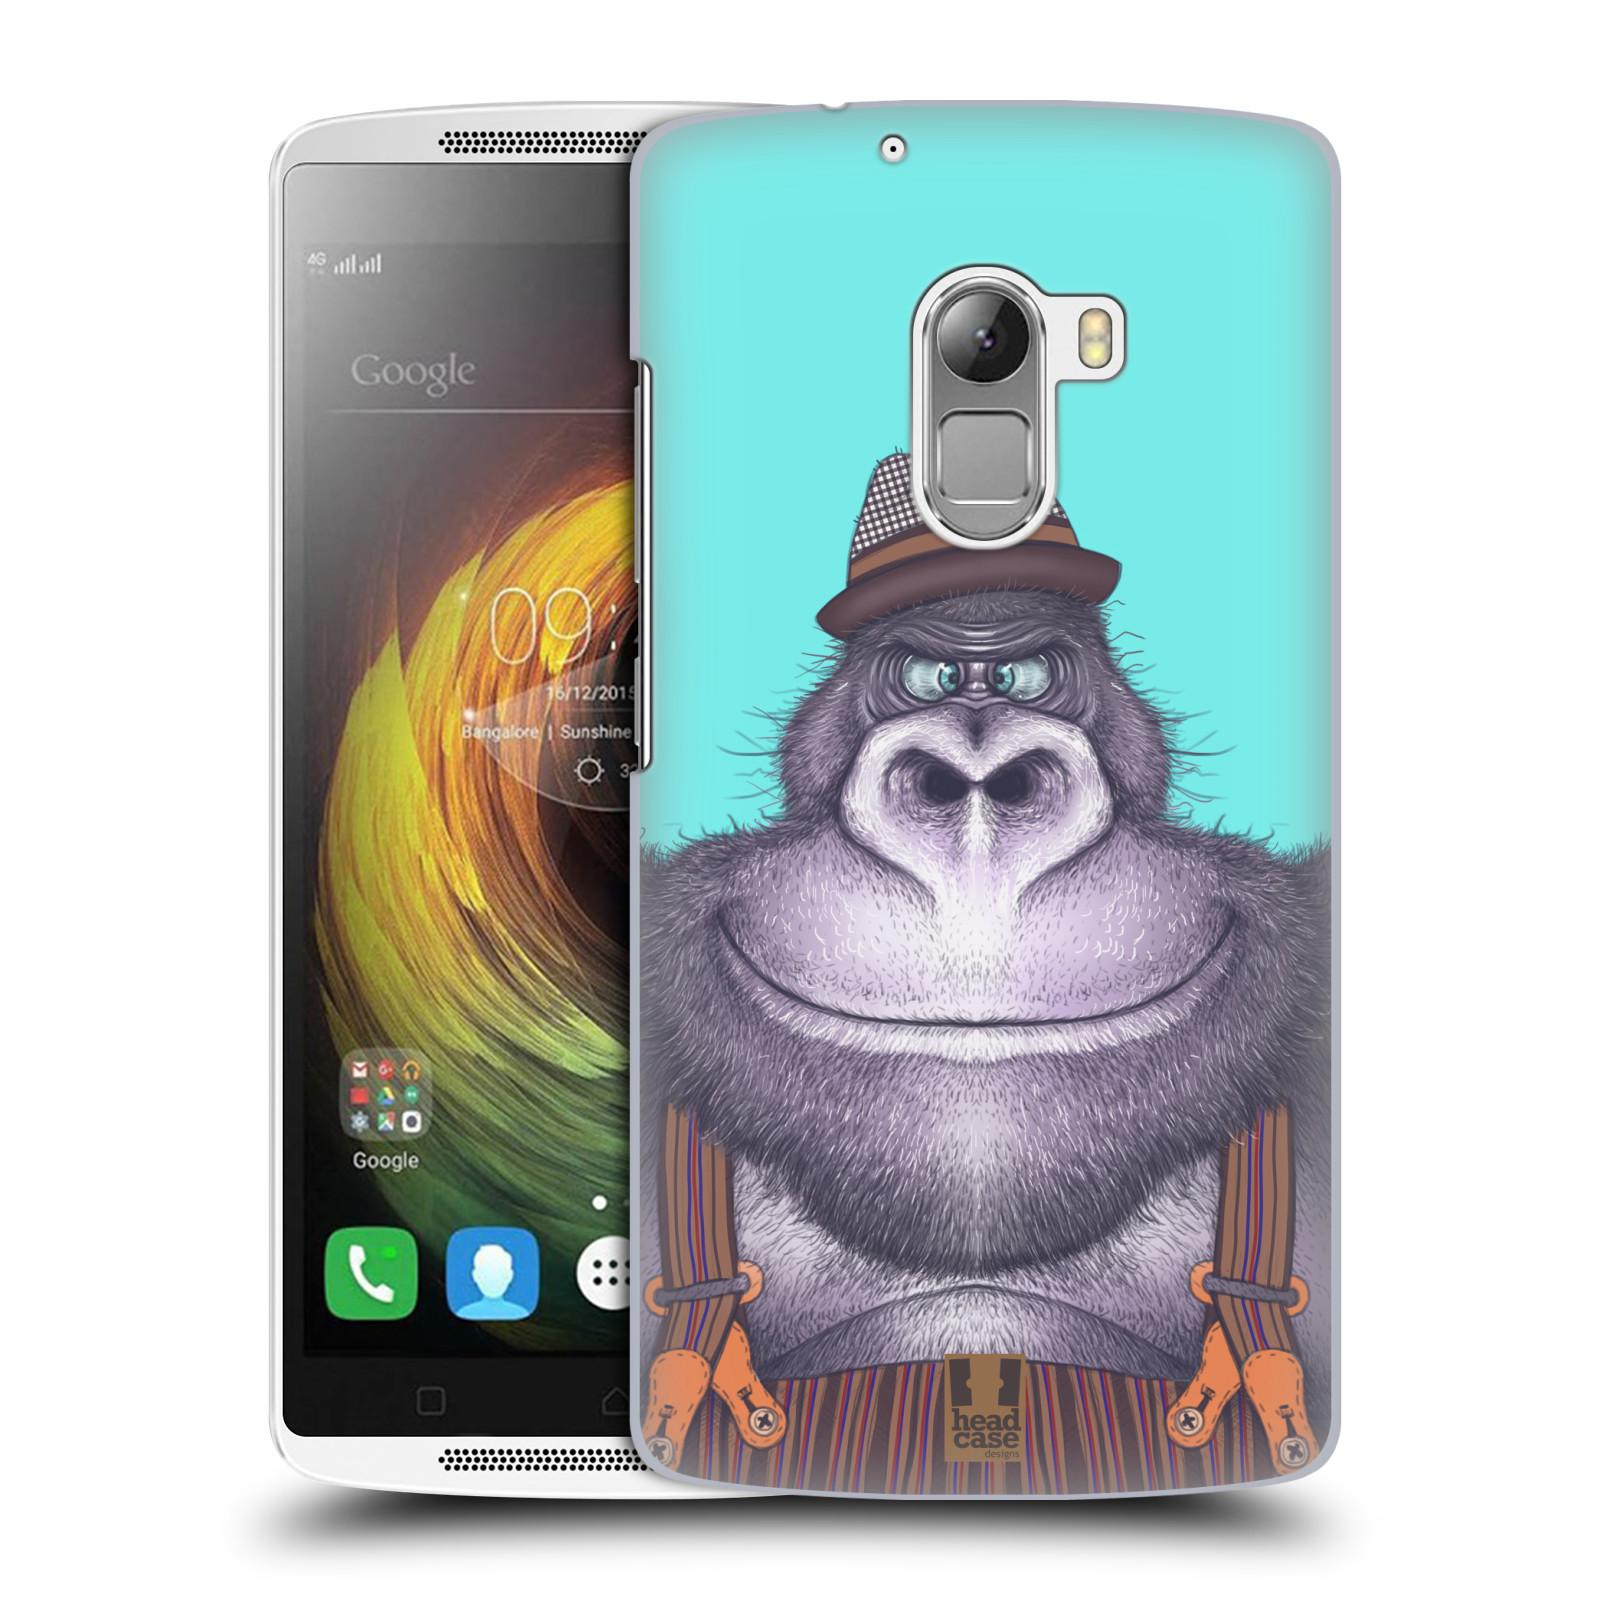 HEAD CASE pevný plastový obal na mobil LENOVO A7010 / A7010 DUAL / K4 Note / Vibe X3 lite vzor Kreslená zvířátka gorila